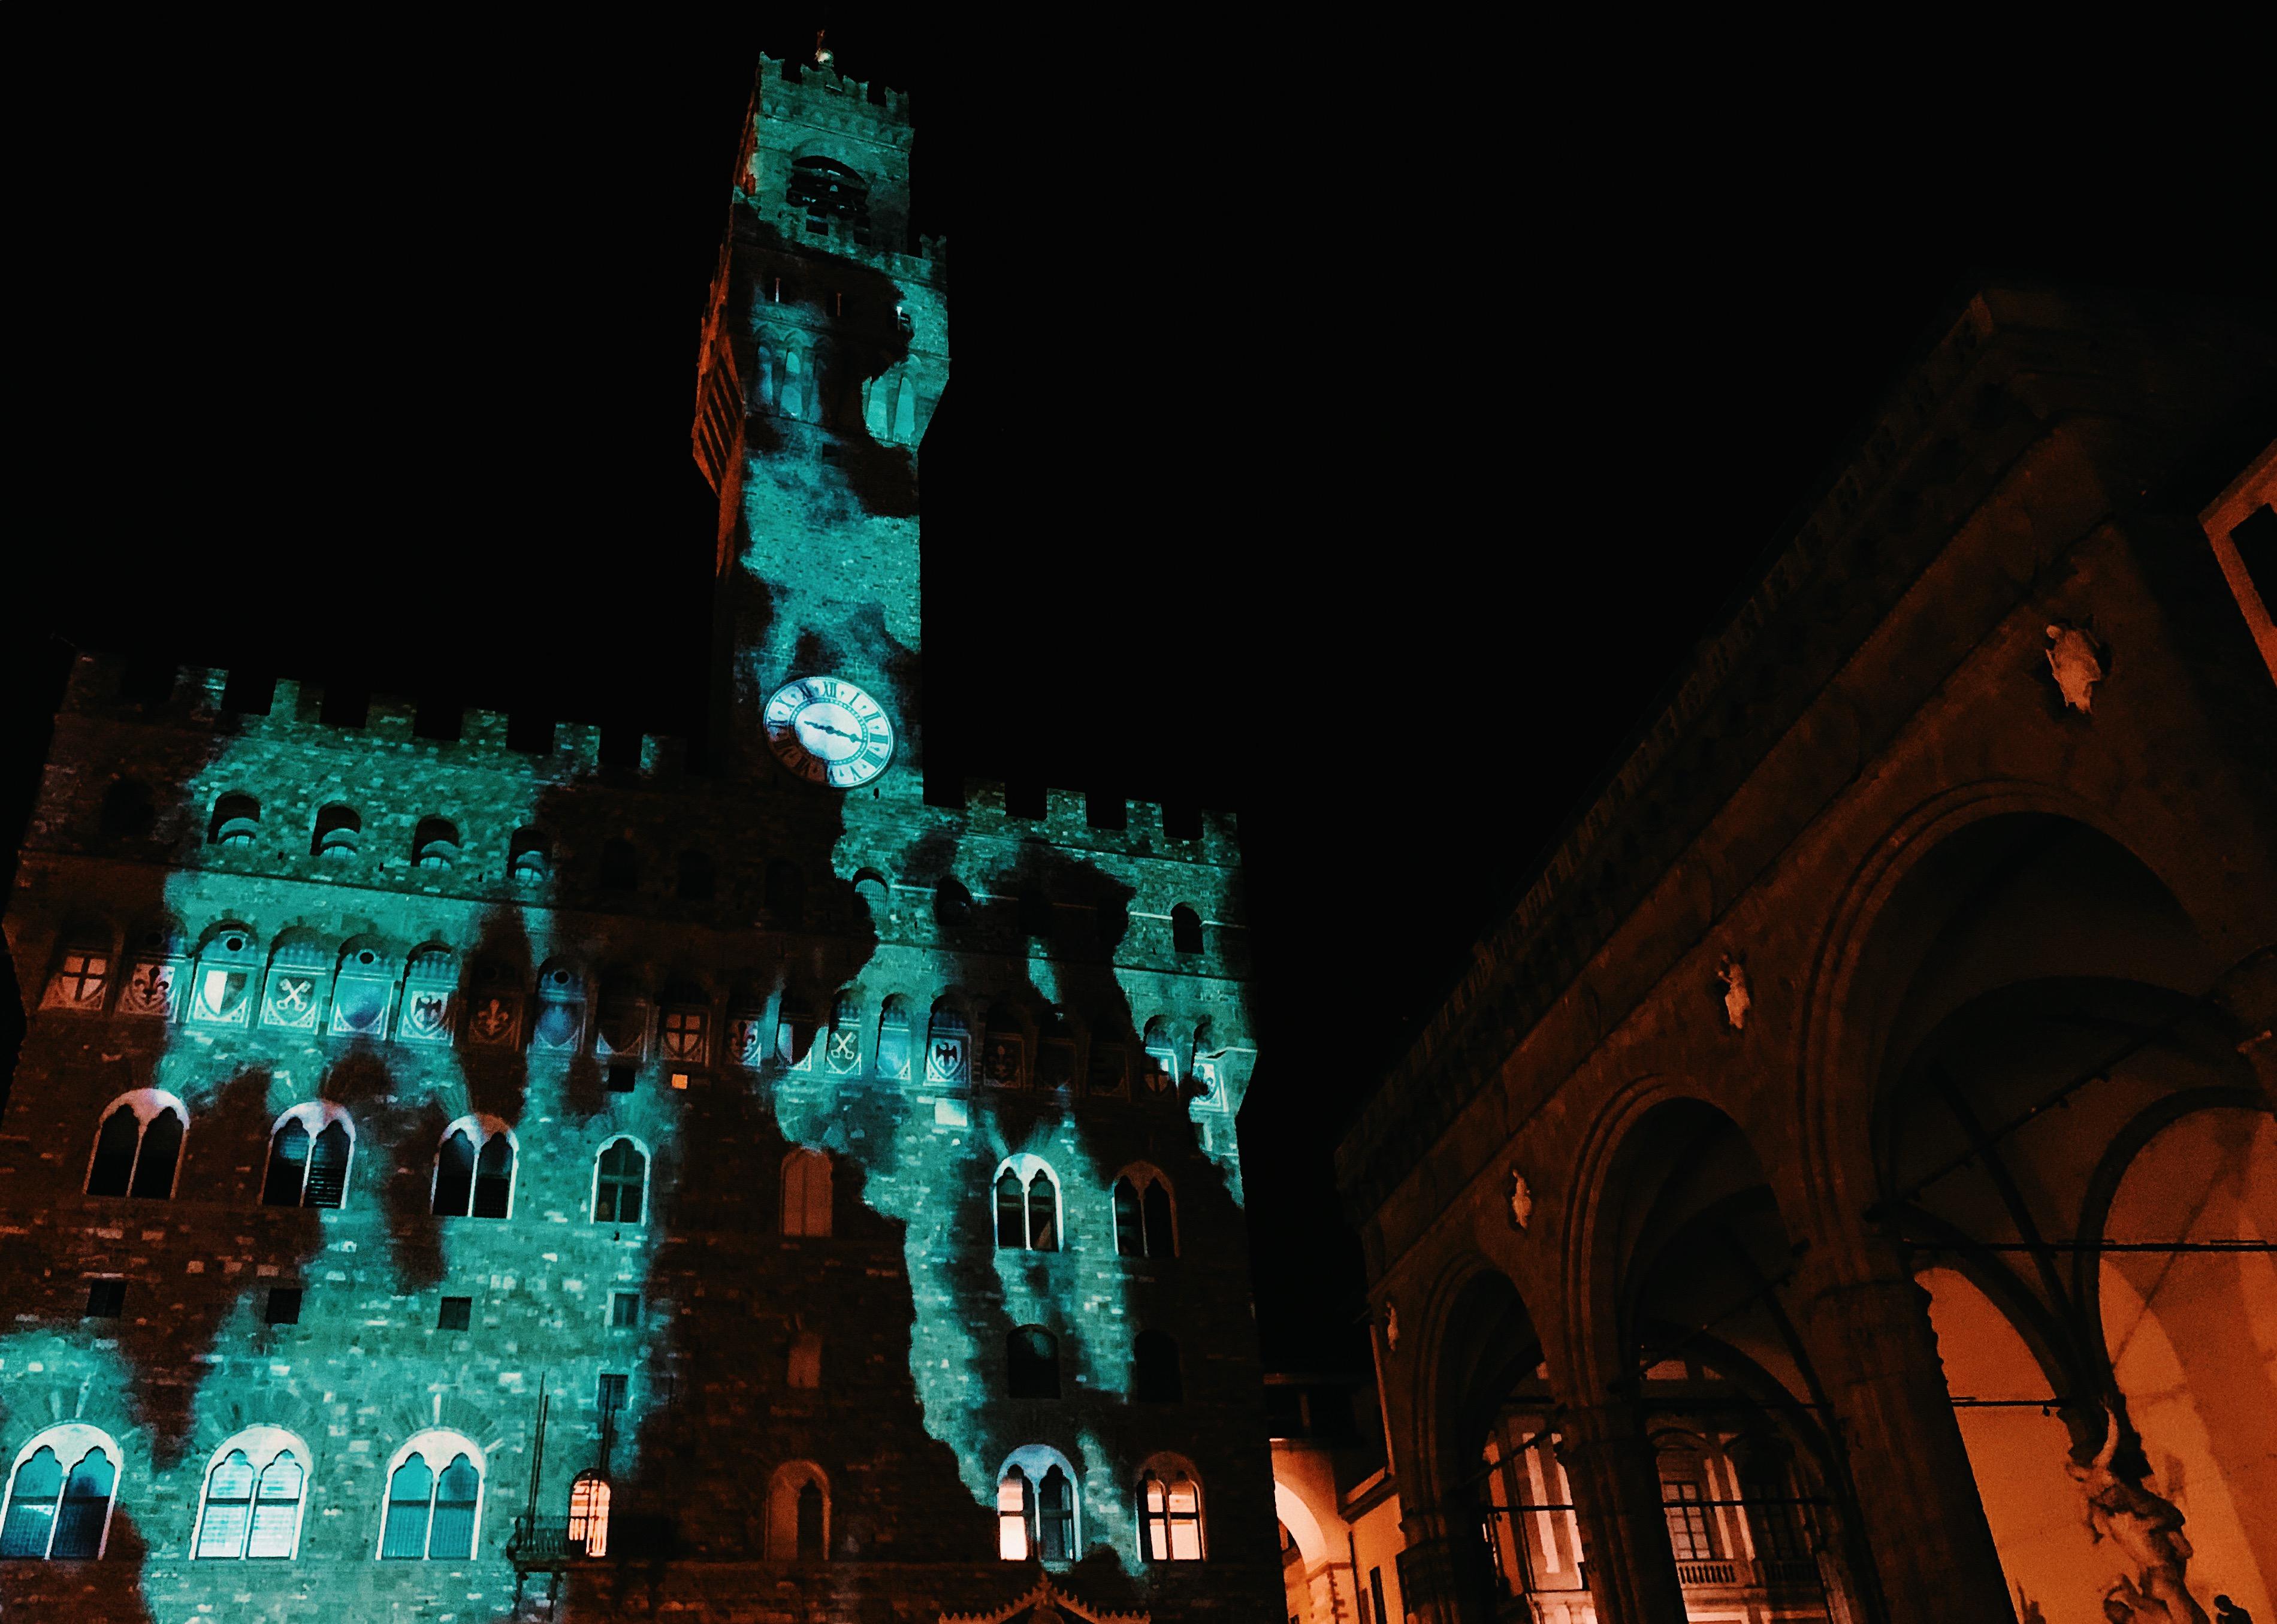 Palazzo Vecchio illuminato in occasione delle celebrazioni per la fine dei lavori di restauro